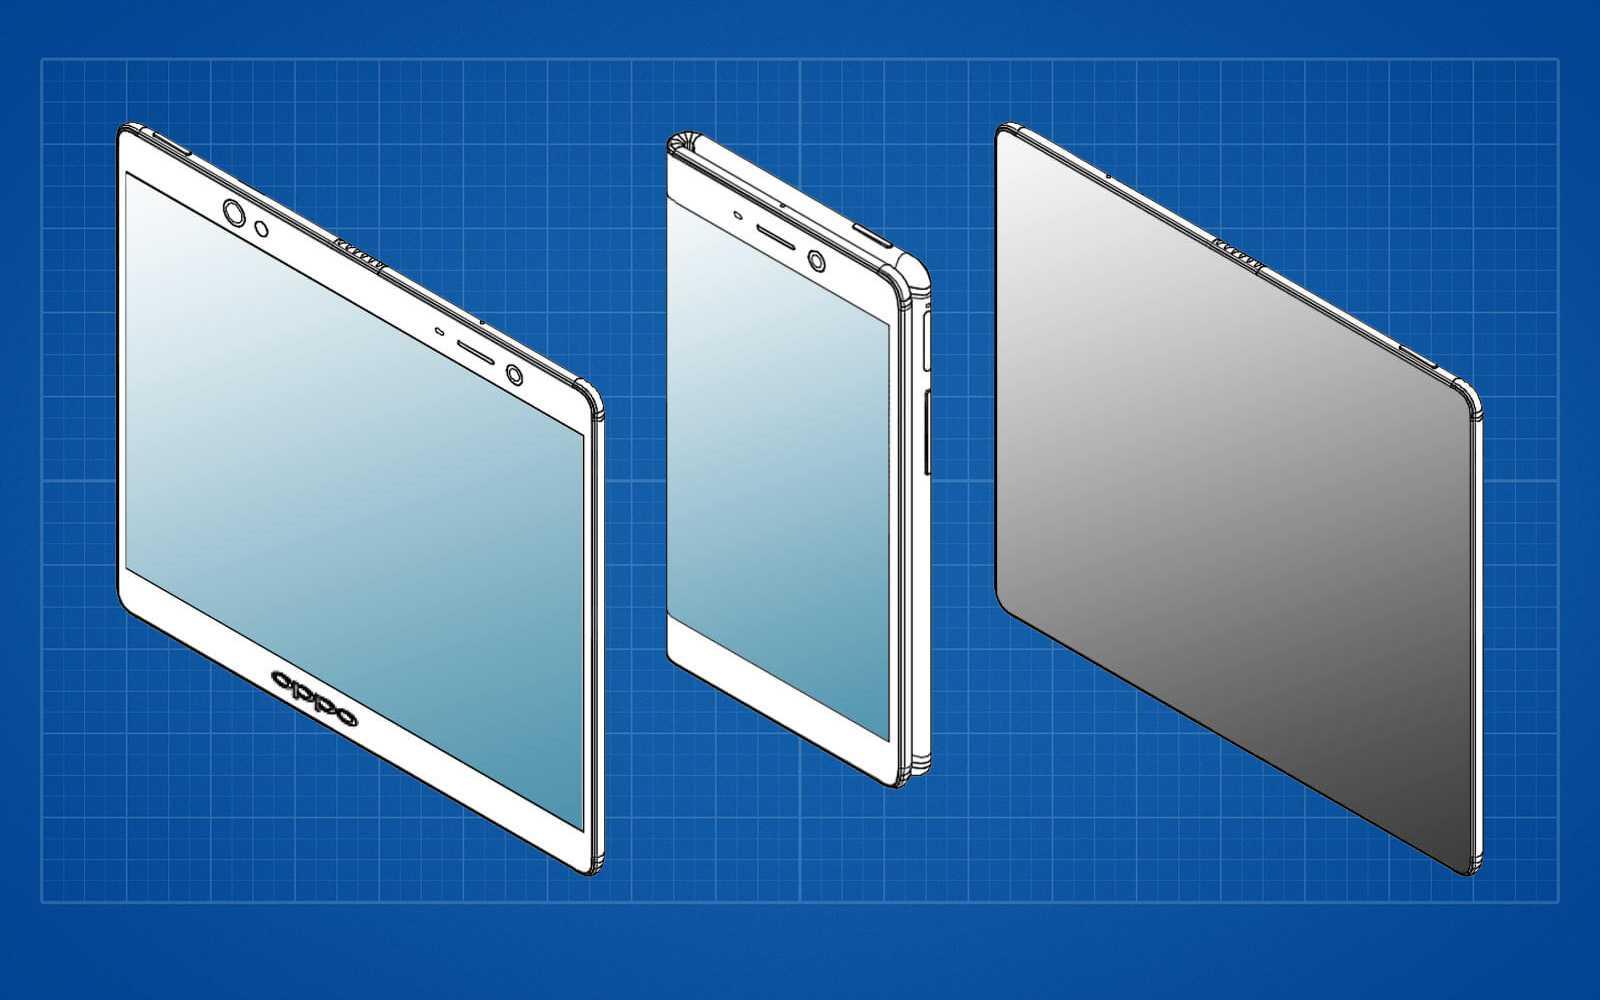 Oppo выпустила в россии смартфон в странном форм-факторе ► последние новости